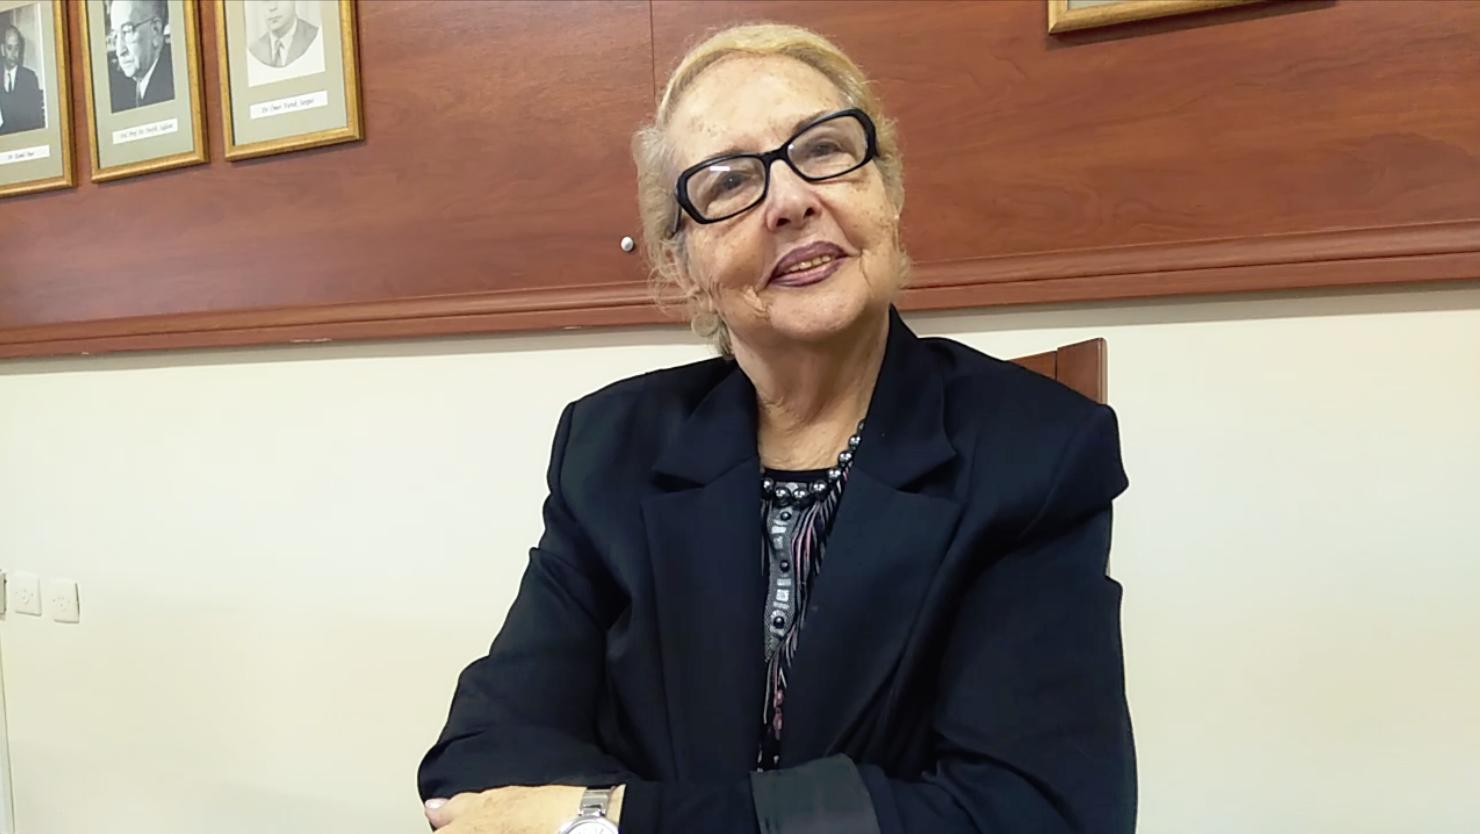 Hemşireliğe Adanan Bir Ömür: Selva Erhan Şentürk